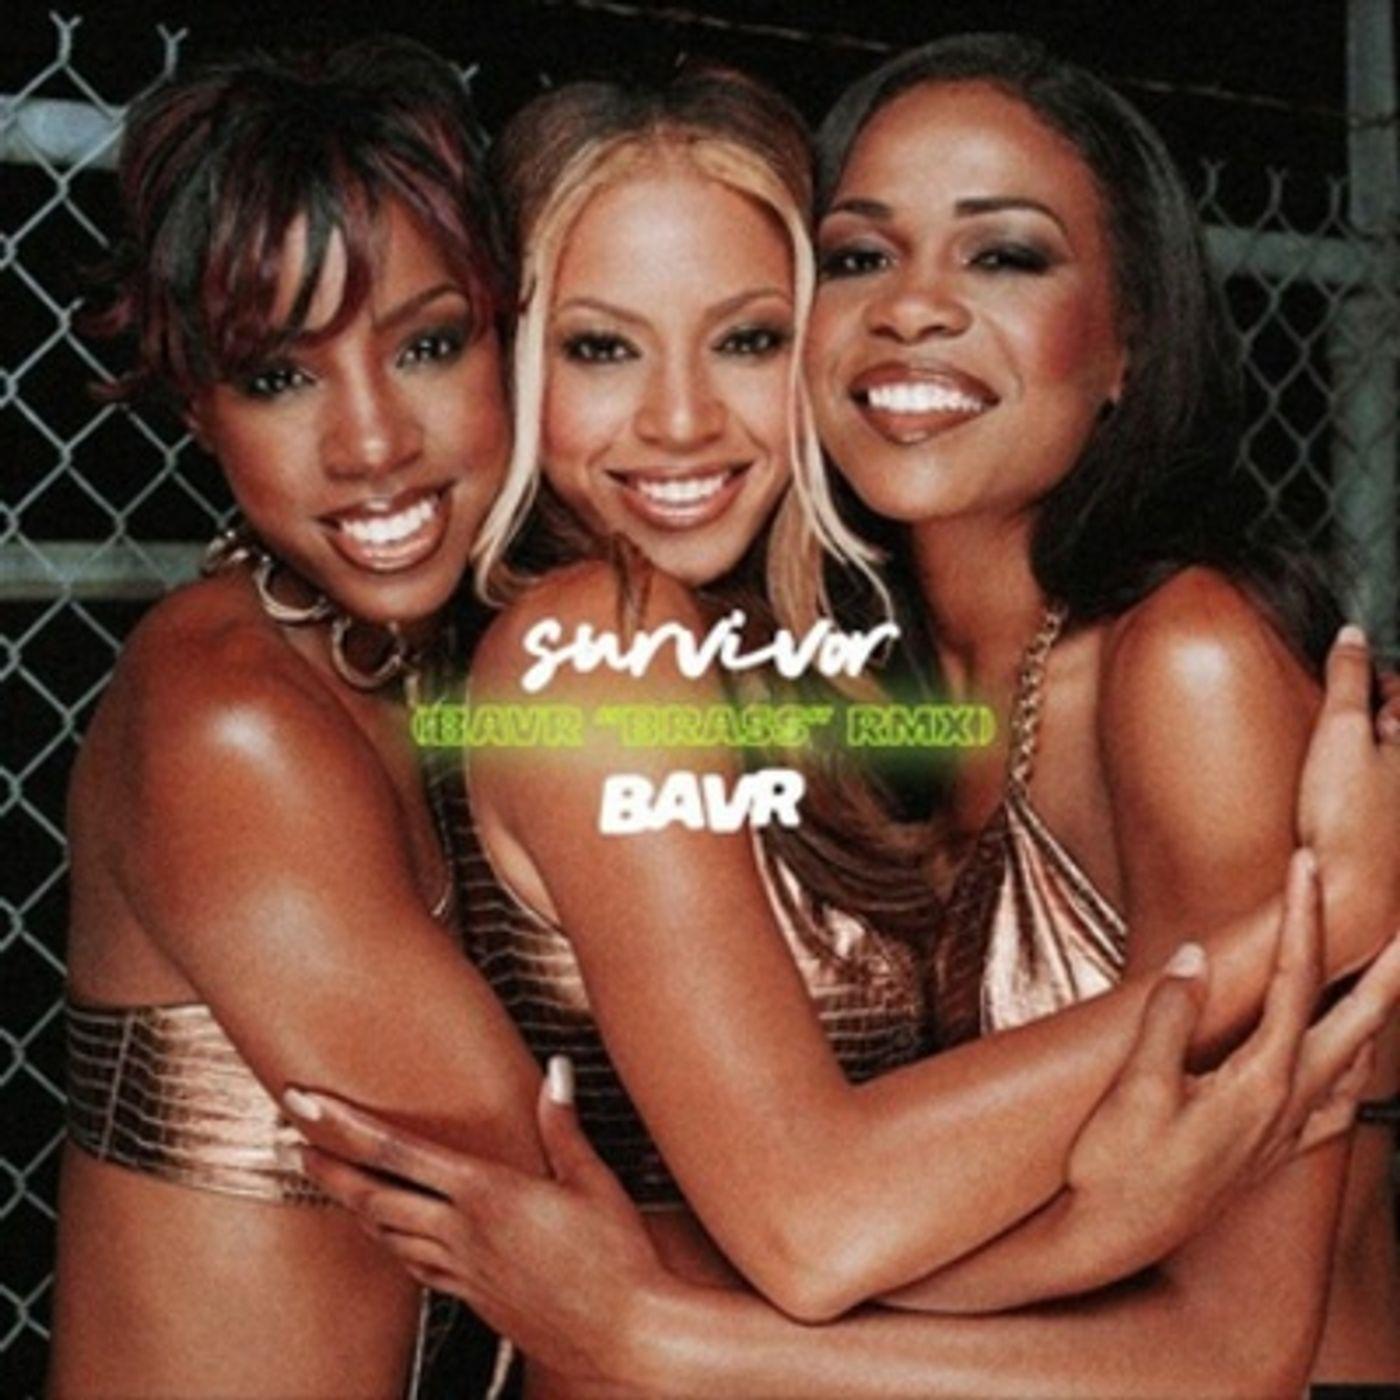 Destinys Child X BAVR - Survivor [BDJ TikTok Edit]